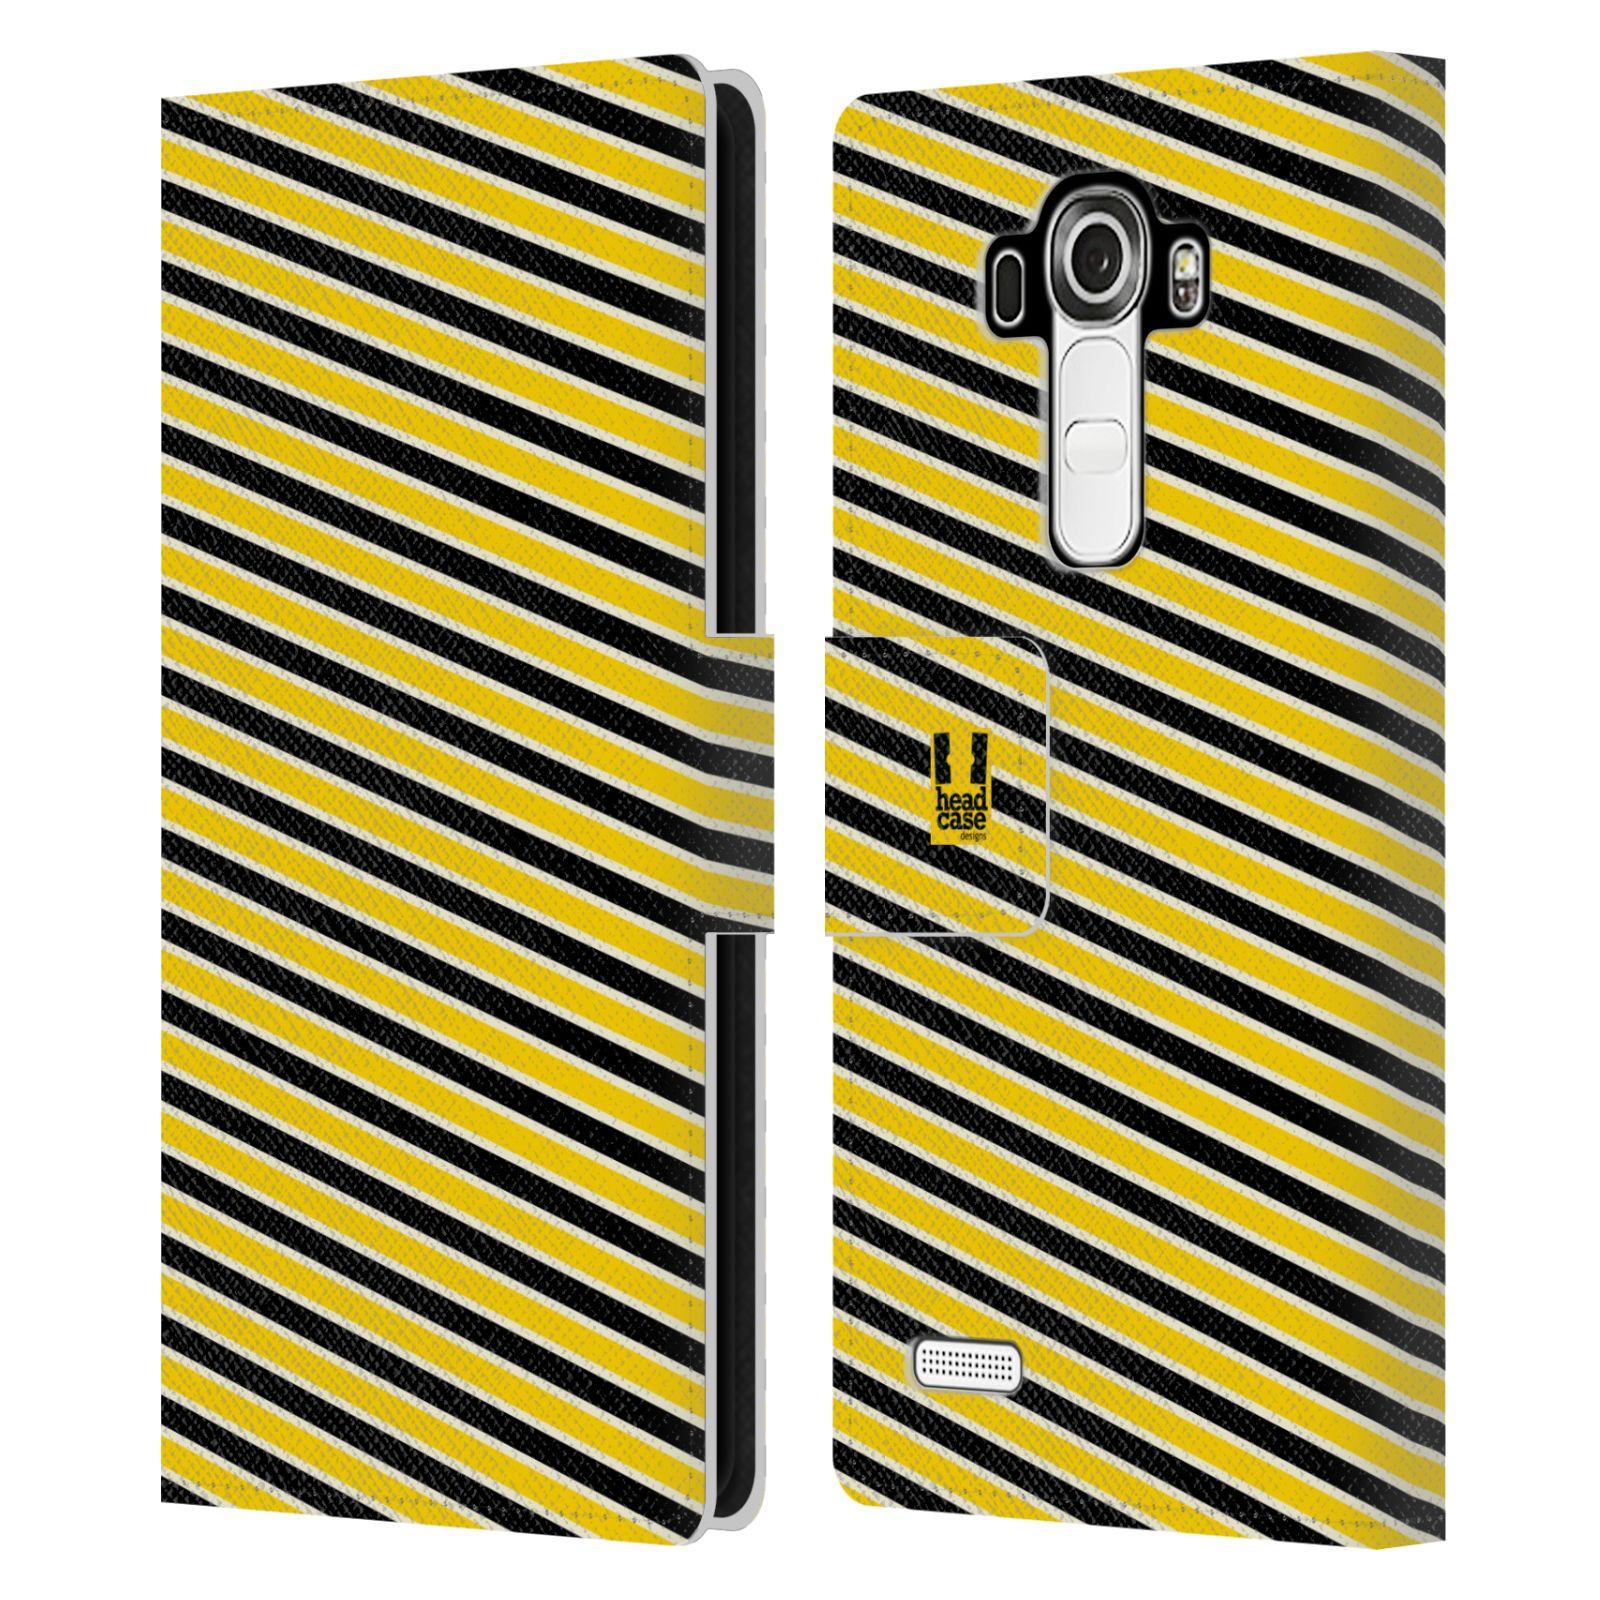 HEAD CASE Flipové pouzdro pro mobil LG G4 (H815) VČELÍ VZOR pruhy žlutá a černá